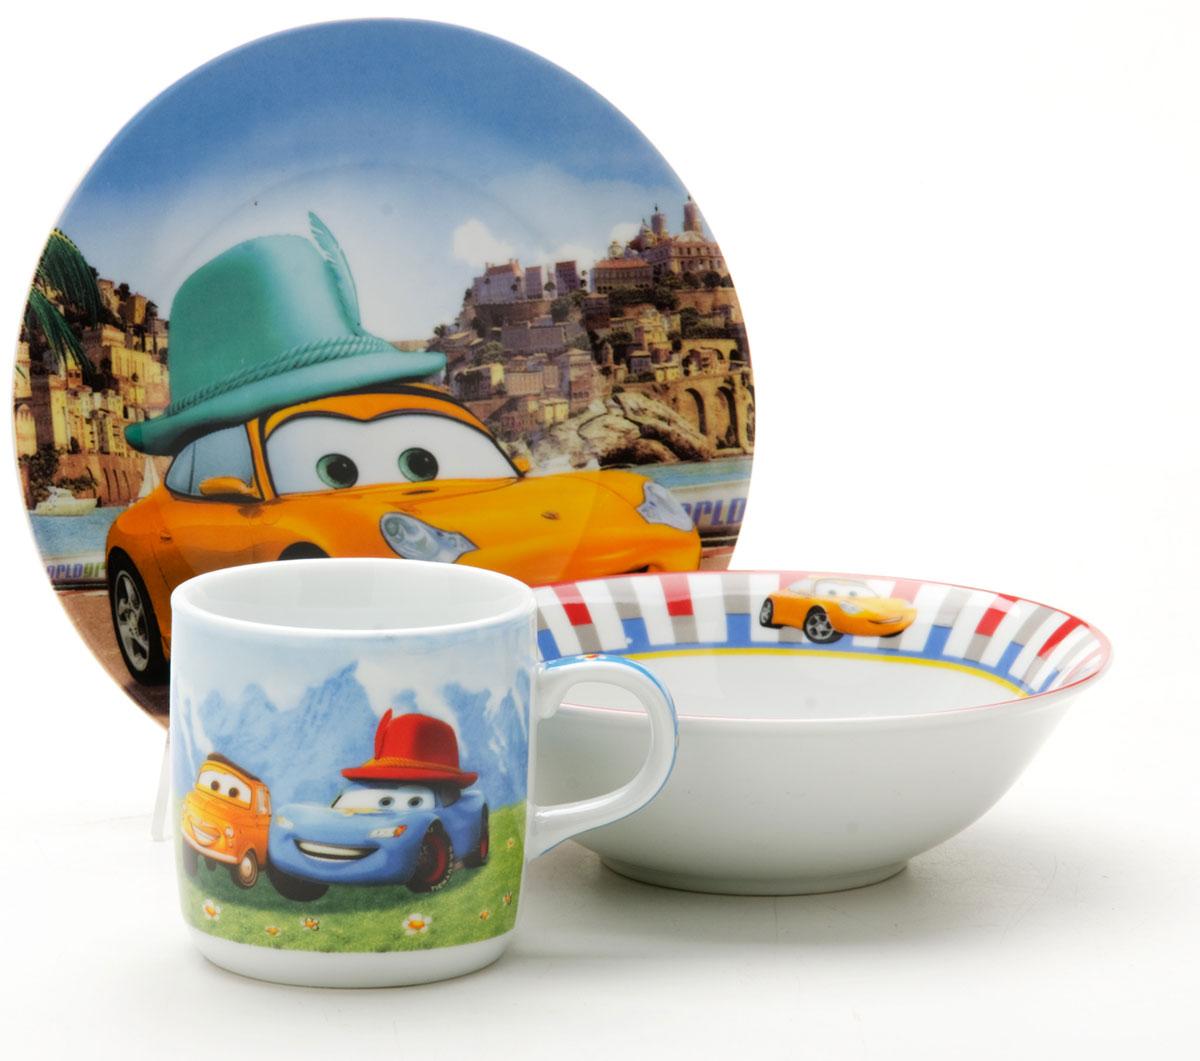 Набор посуды Loraine Тачки, 3 предмета25603Набор посуды Loraine сочетает в себе изысканный дизайн с максимальной функциональностью. В набор входят суповая тарелка, обеденная тарелка и кружка.Предметы набора выполнены из высококачественной керамики, декорированы красочным рисунком. Благодаря такому набору обед вашего ребенка будет еще вкуснее. Набор упакован в красочную, подарочную упаковку. Диаметр суповой тарелки: 15 см.Диаметр обеденной тарелки: 17,5 см.Объем кружки: 230 мл.